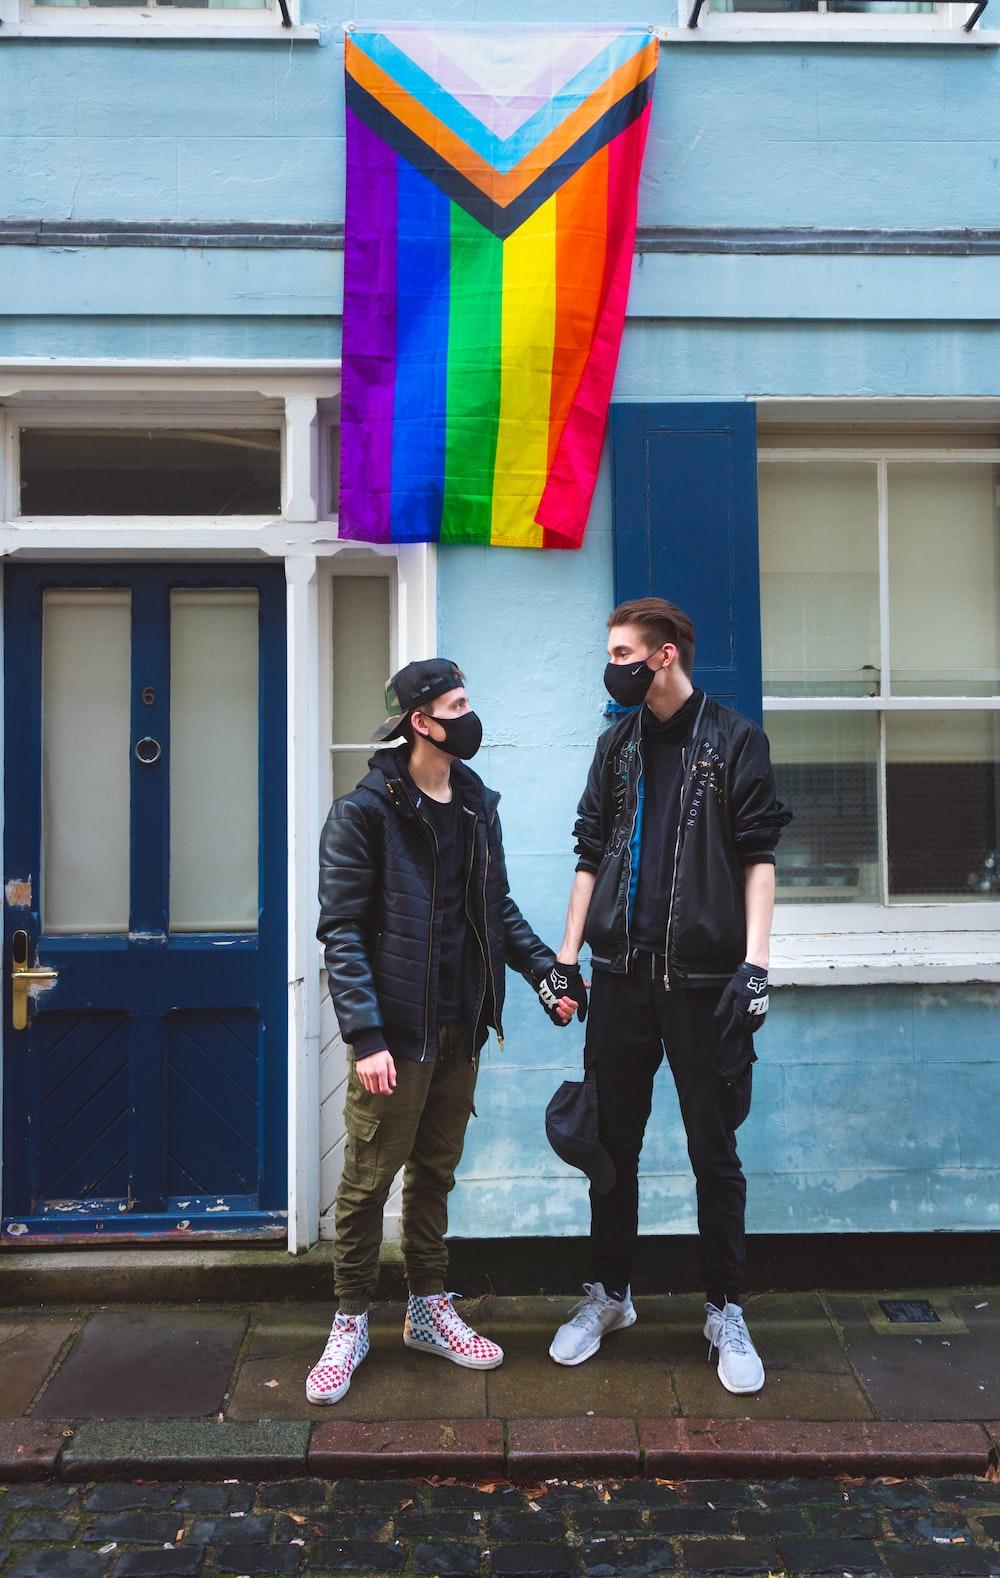 man in black jacket standing beside man in black jacket